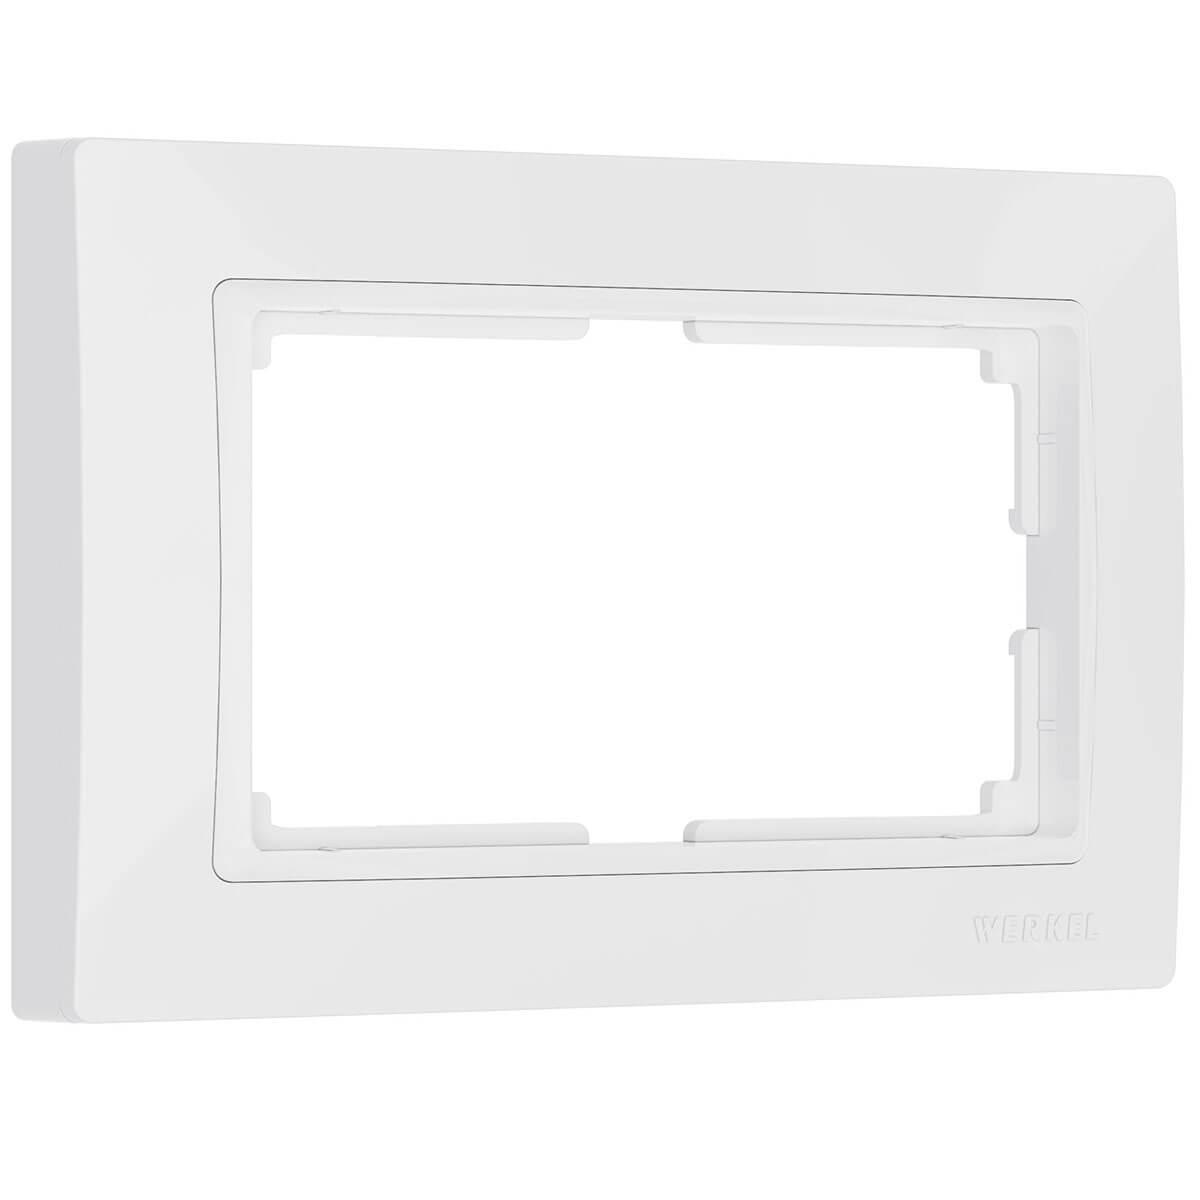 цена на Рамка Snabb для двойной розетки белый basic WL03-Frame-01-DBL-white 4690389117008